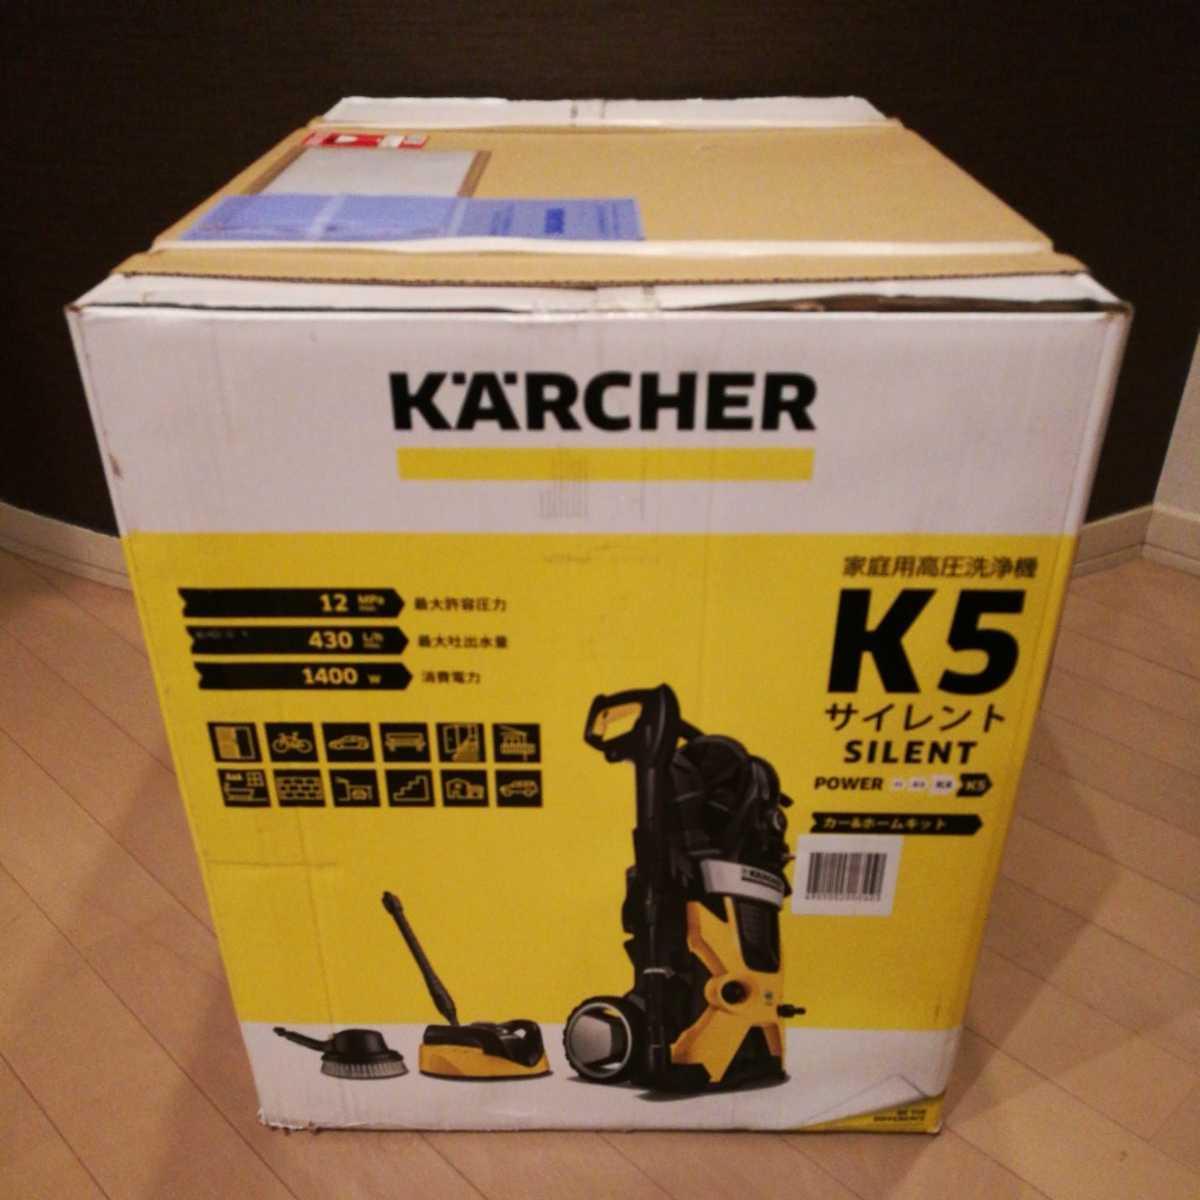 【新品未開封品】西日本用ケルヒャー高圧洗浄機 K5サイレントカー&ホームキット 60Hz メーカー保証有り 2020年2月購入_画像3